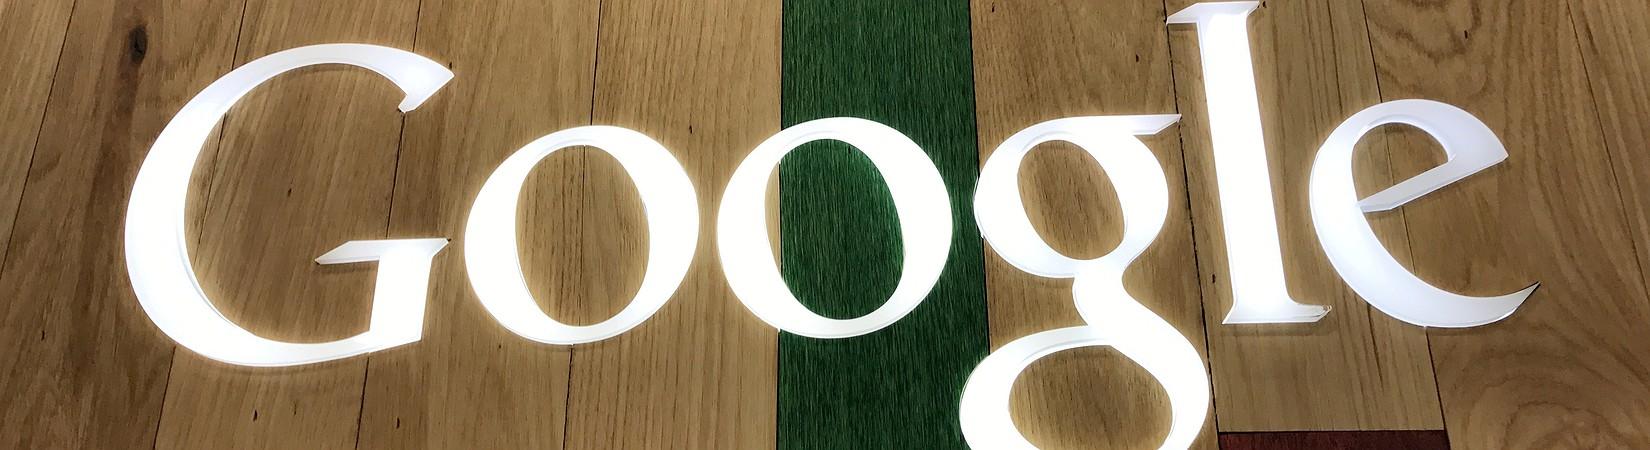 US probing gender pay gap at Google